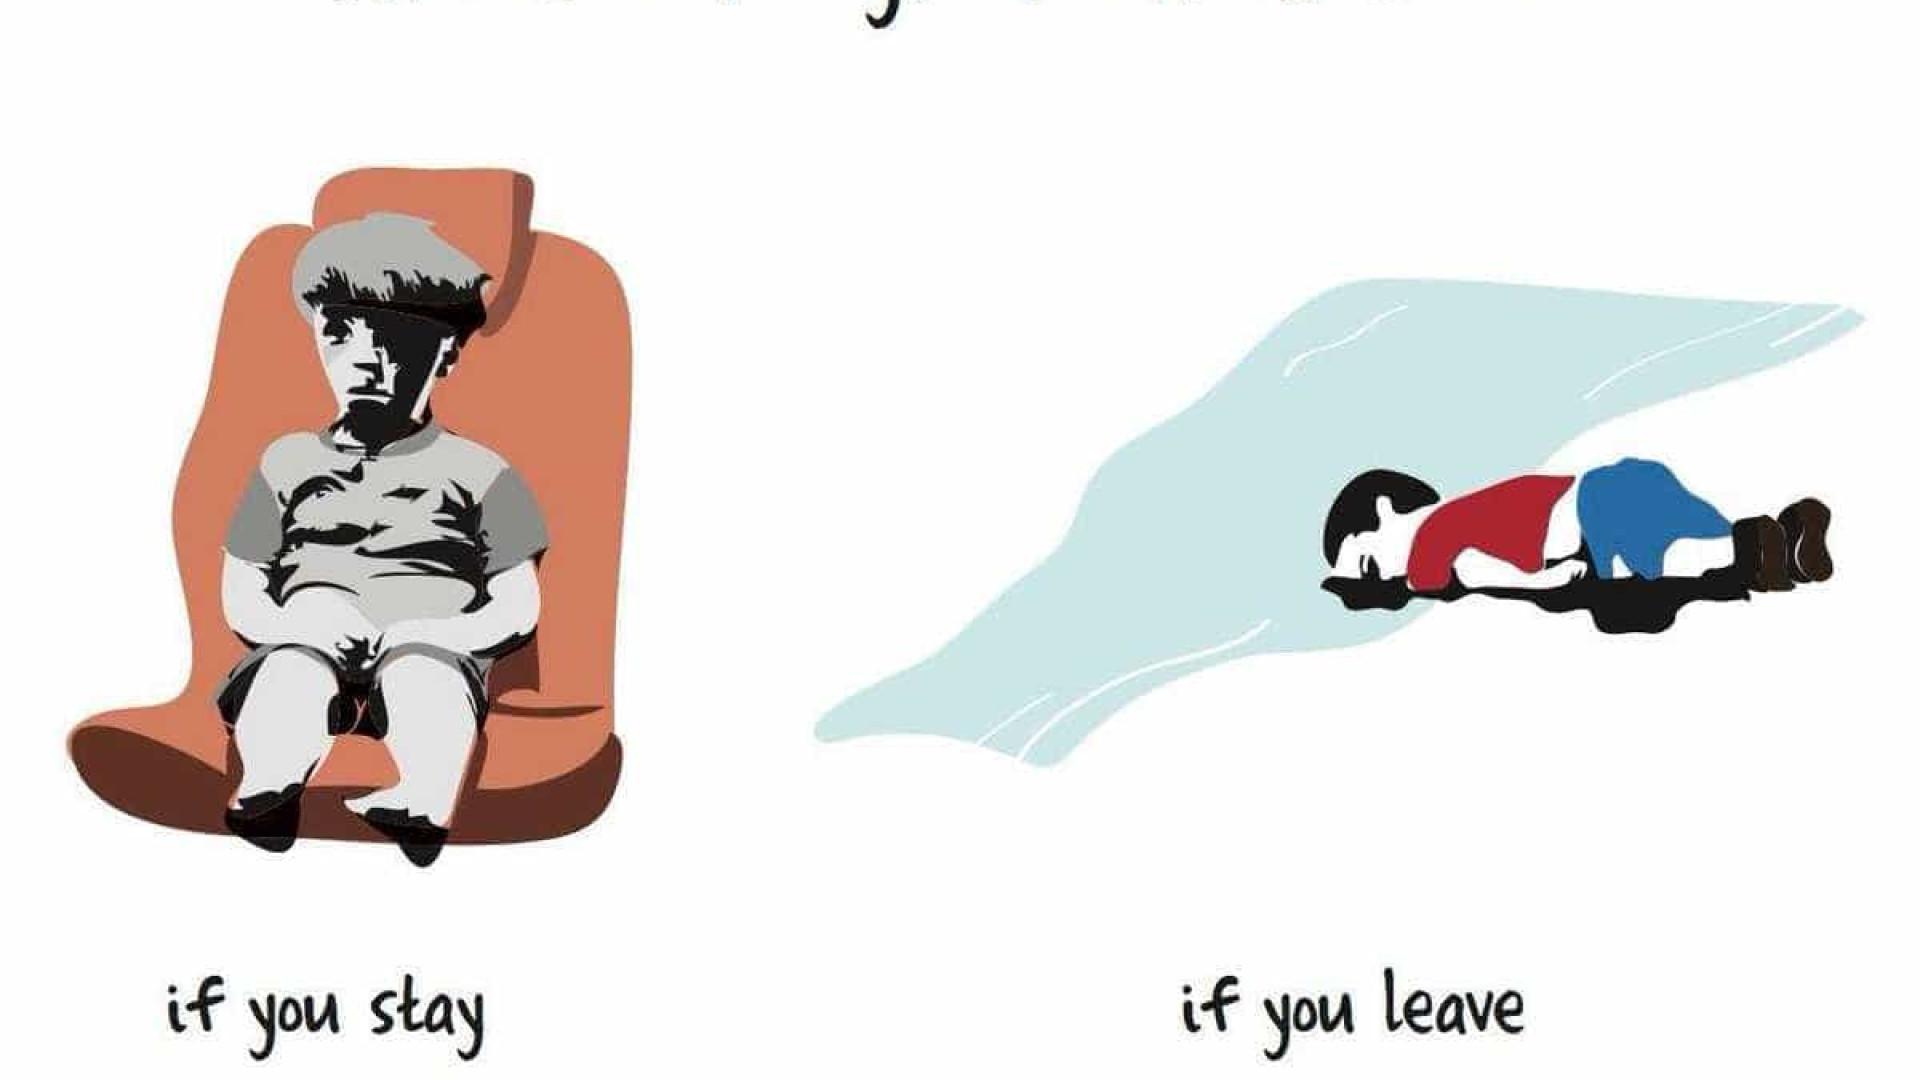 Ir ou ficar? O drama das crianças sírias, numa simples ilustração